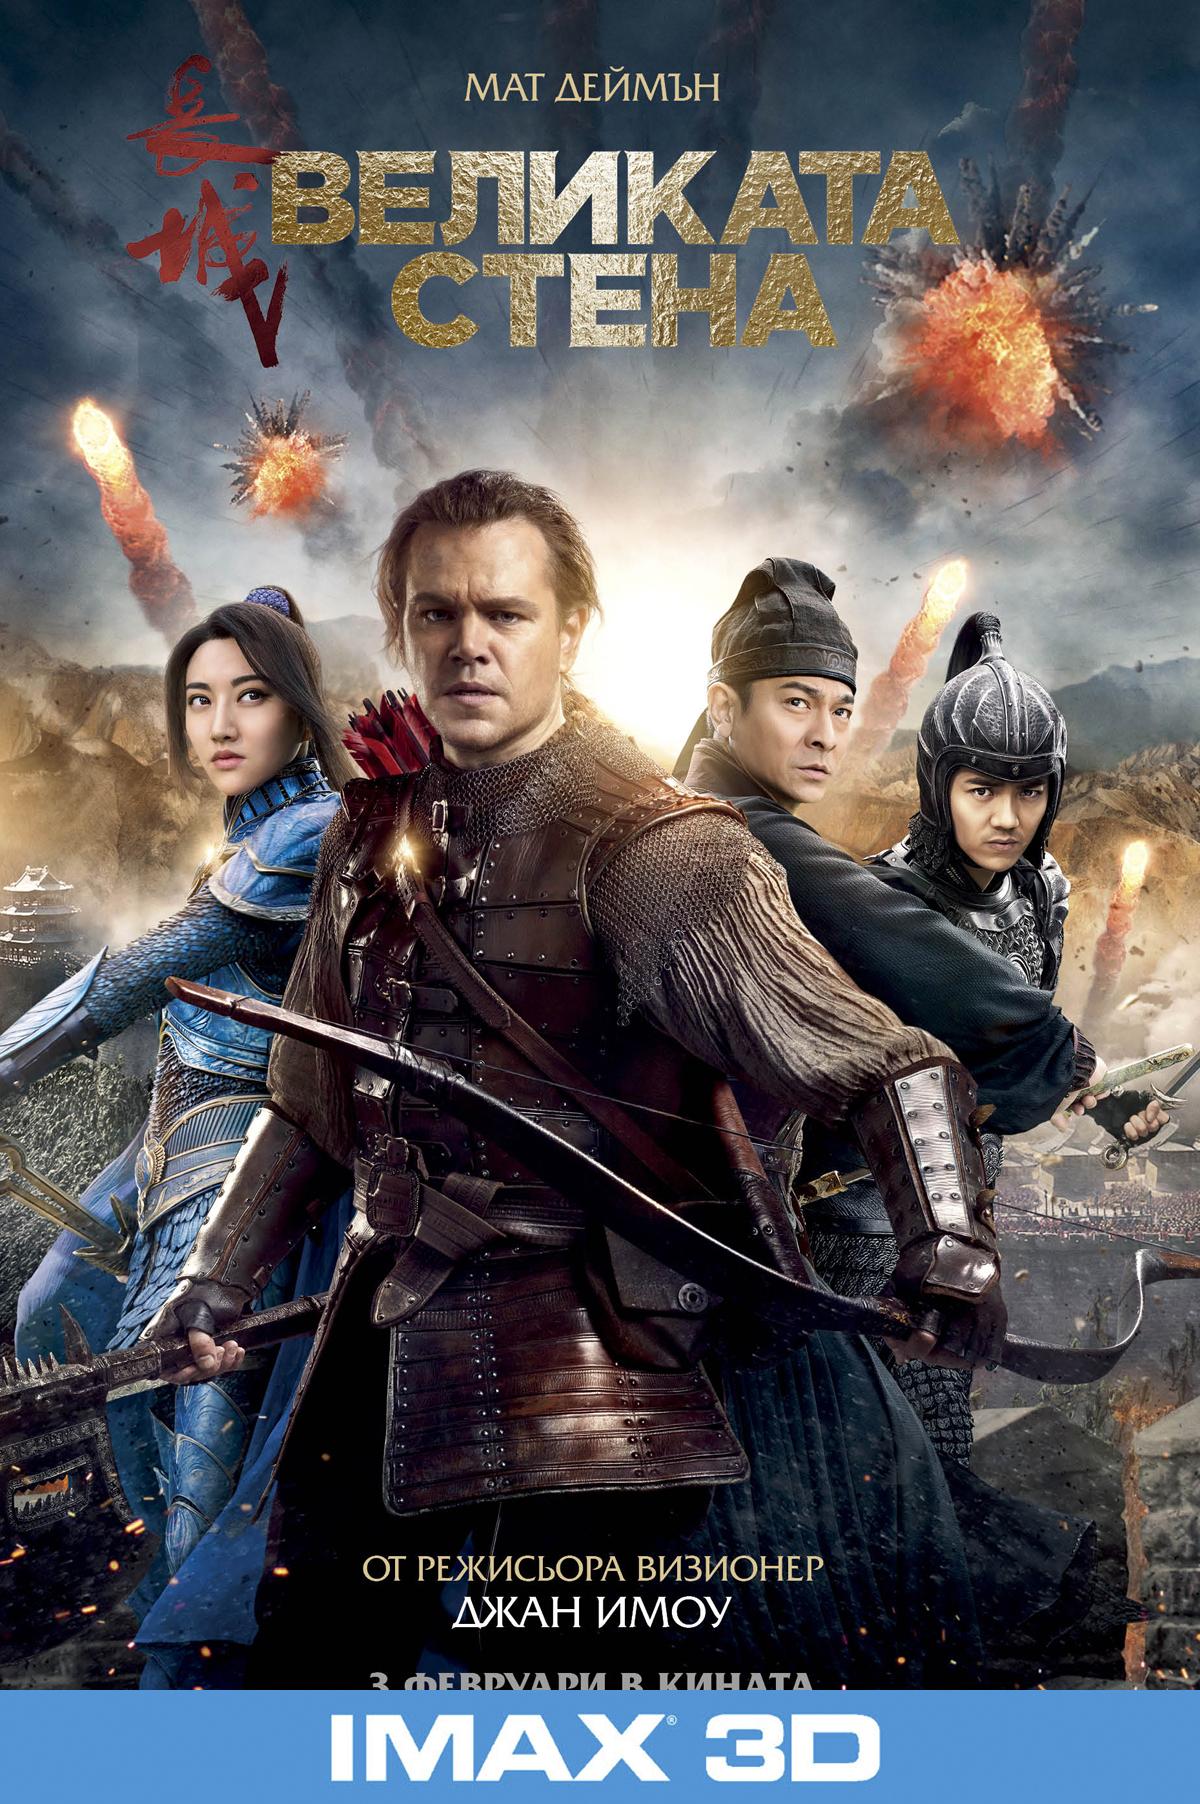 Великата стена IMAX 3D